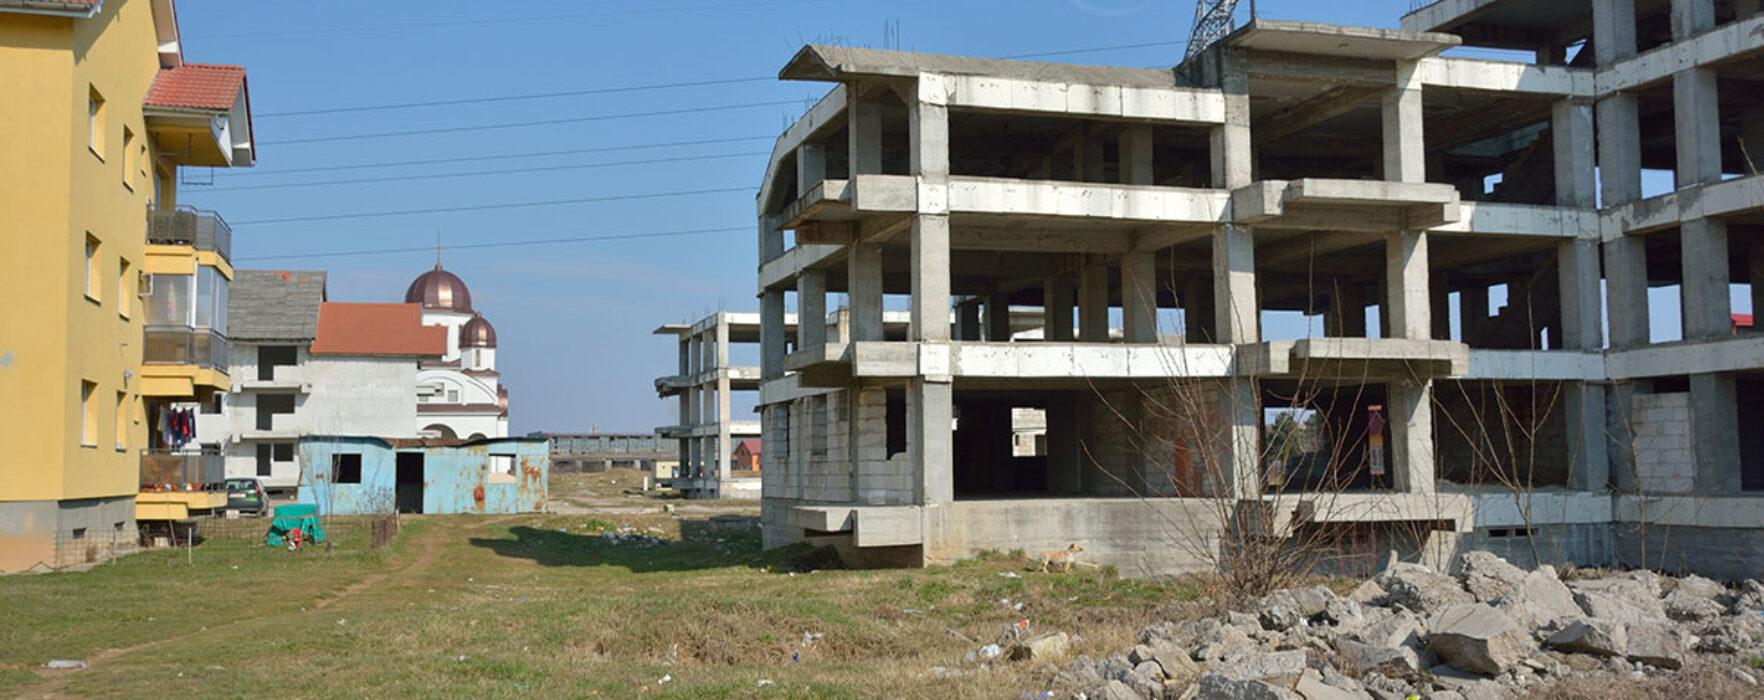 Dâmboviţa: Se vor relua lucrările la mai multe blocuri ANL din judeţ